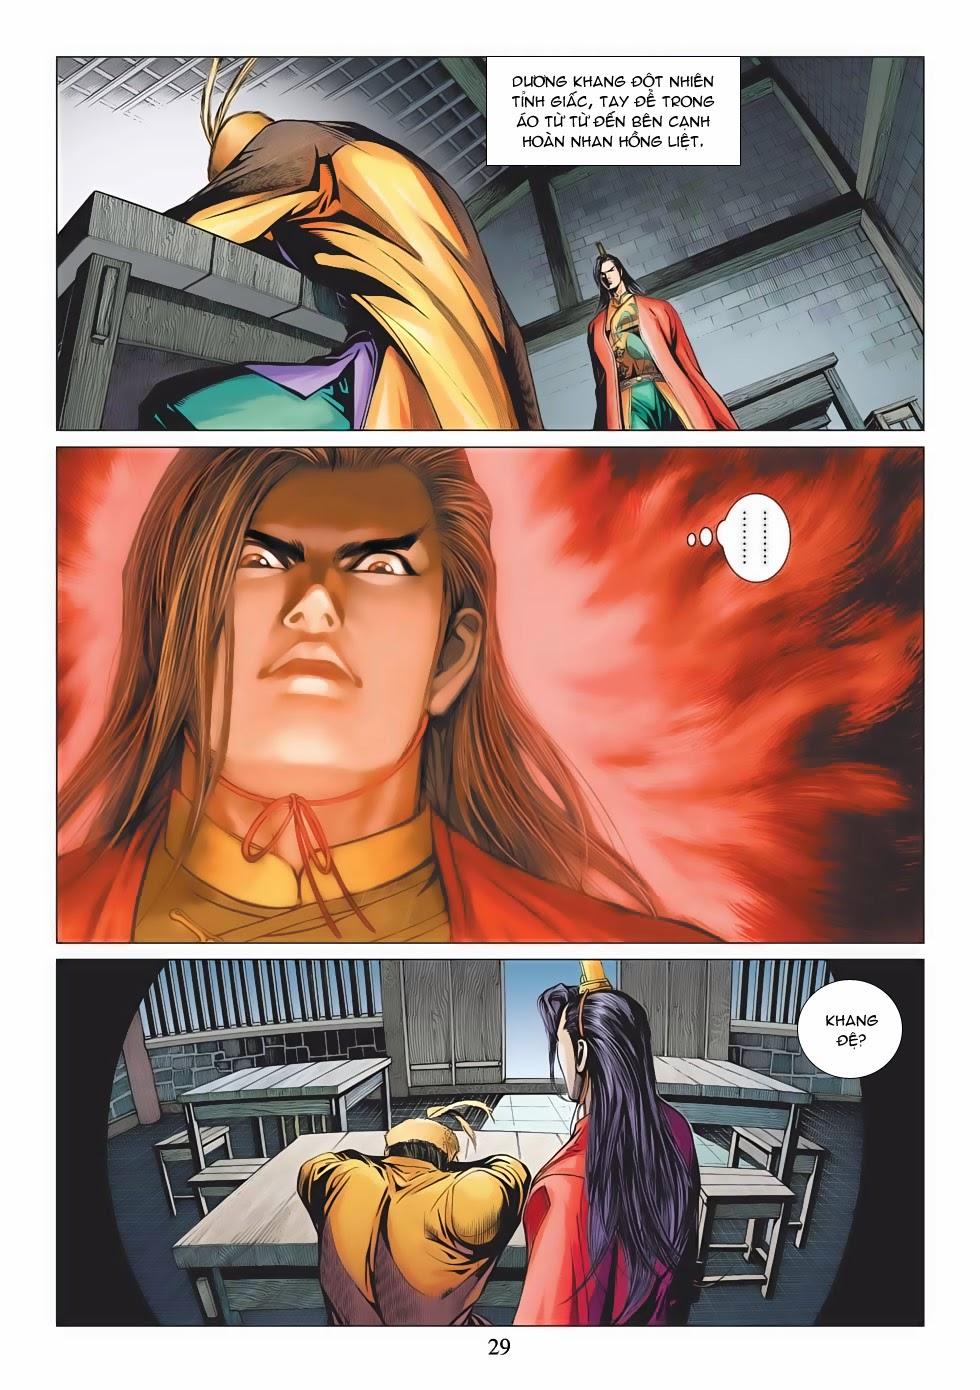 xem truyen moi - Anh Hùng Xạ Điêu - Chapter 58: Tẩu Hỏa Nhập Ma